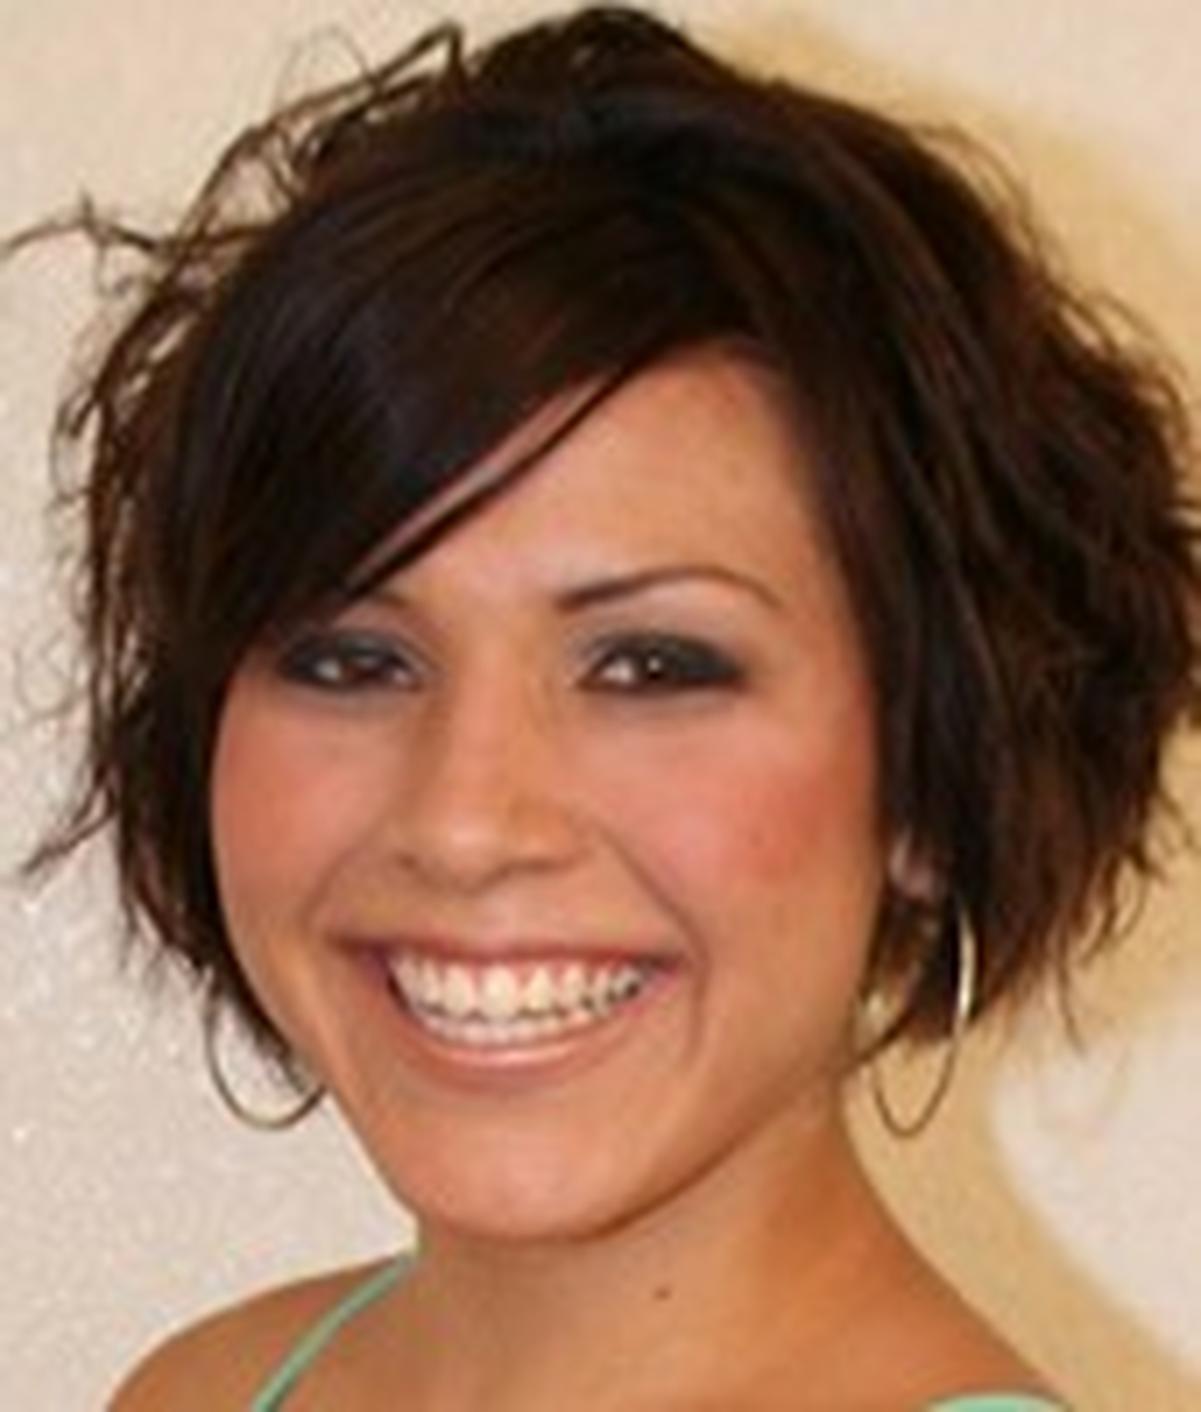 Samantha Saavedra